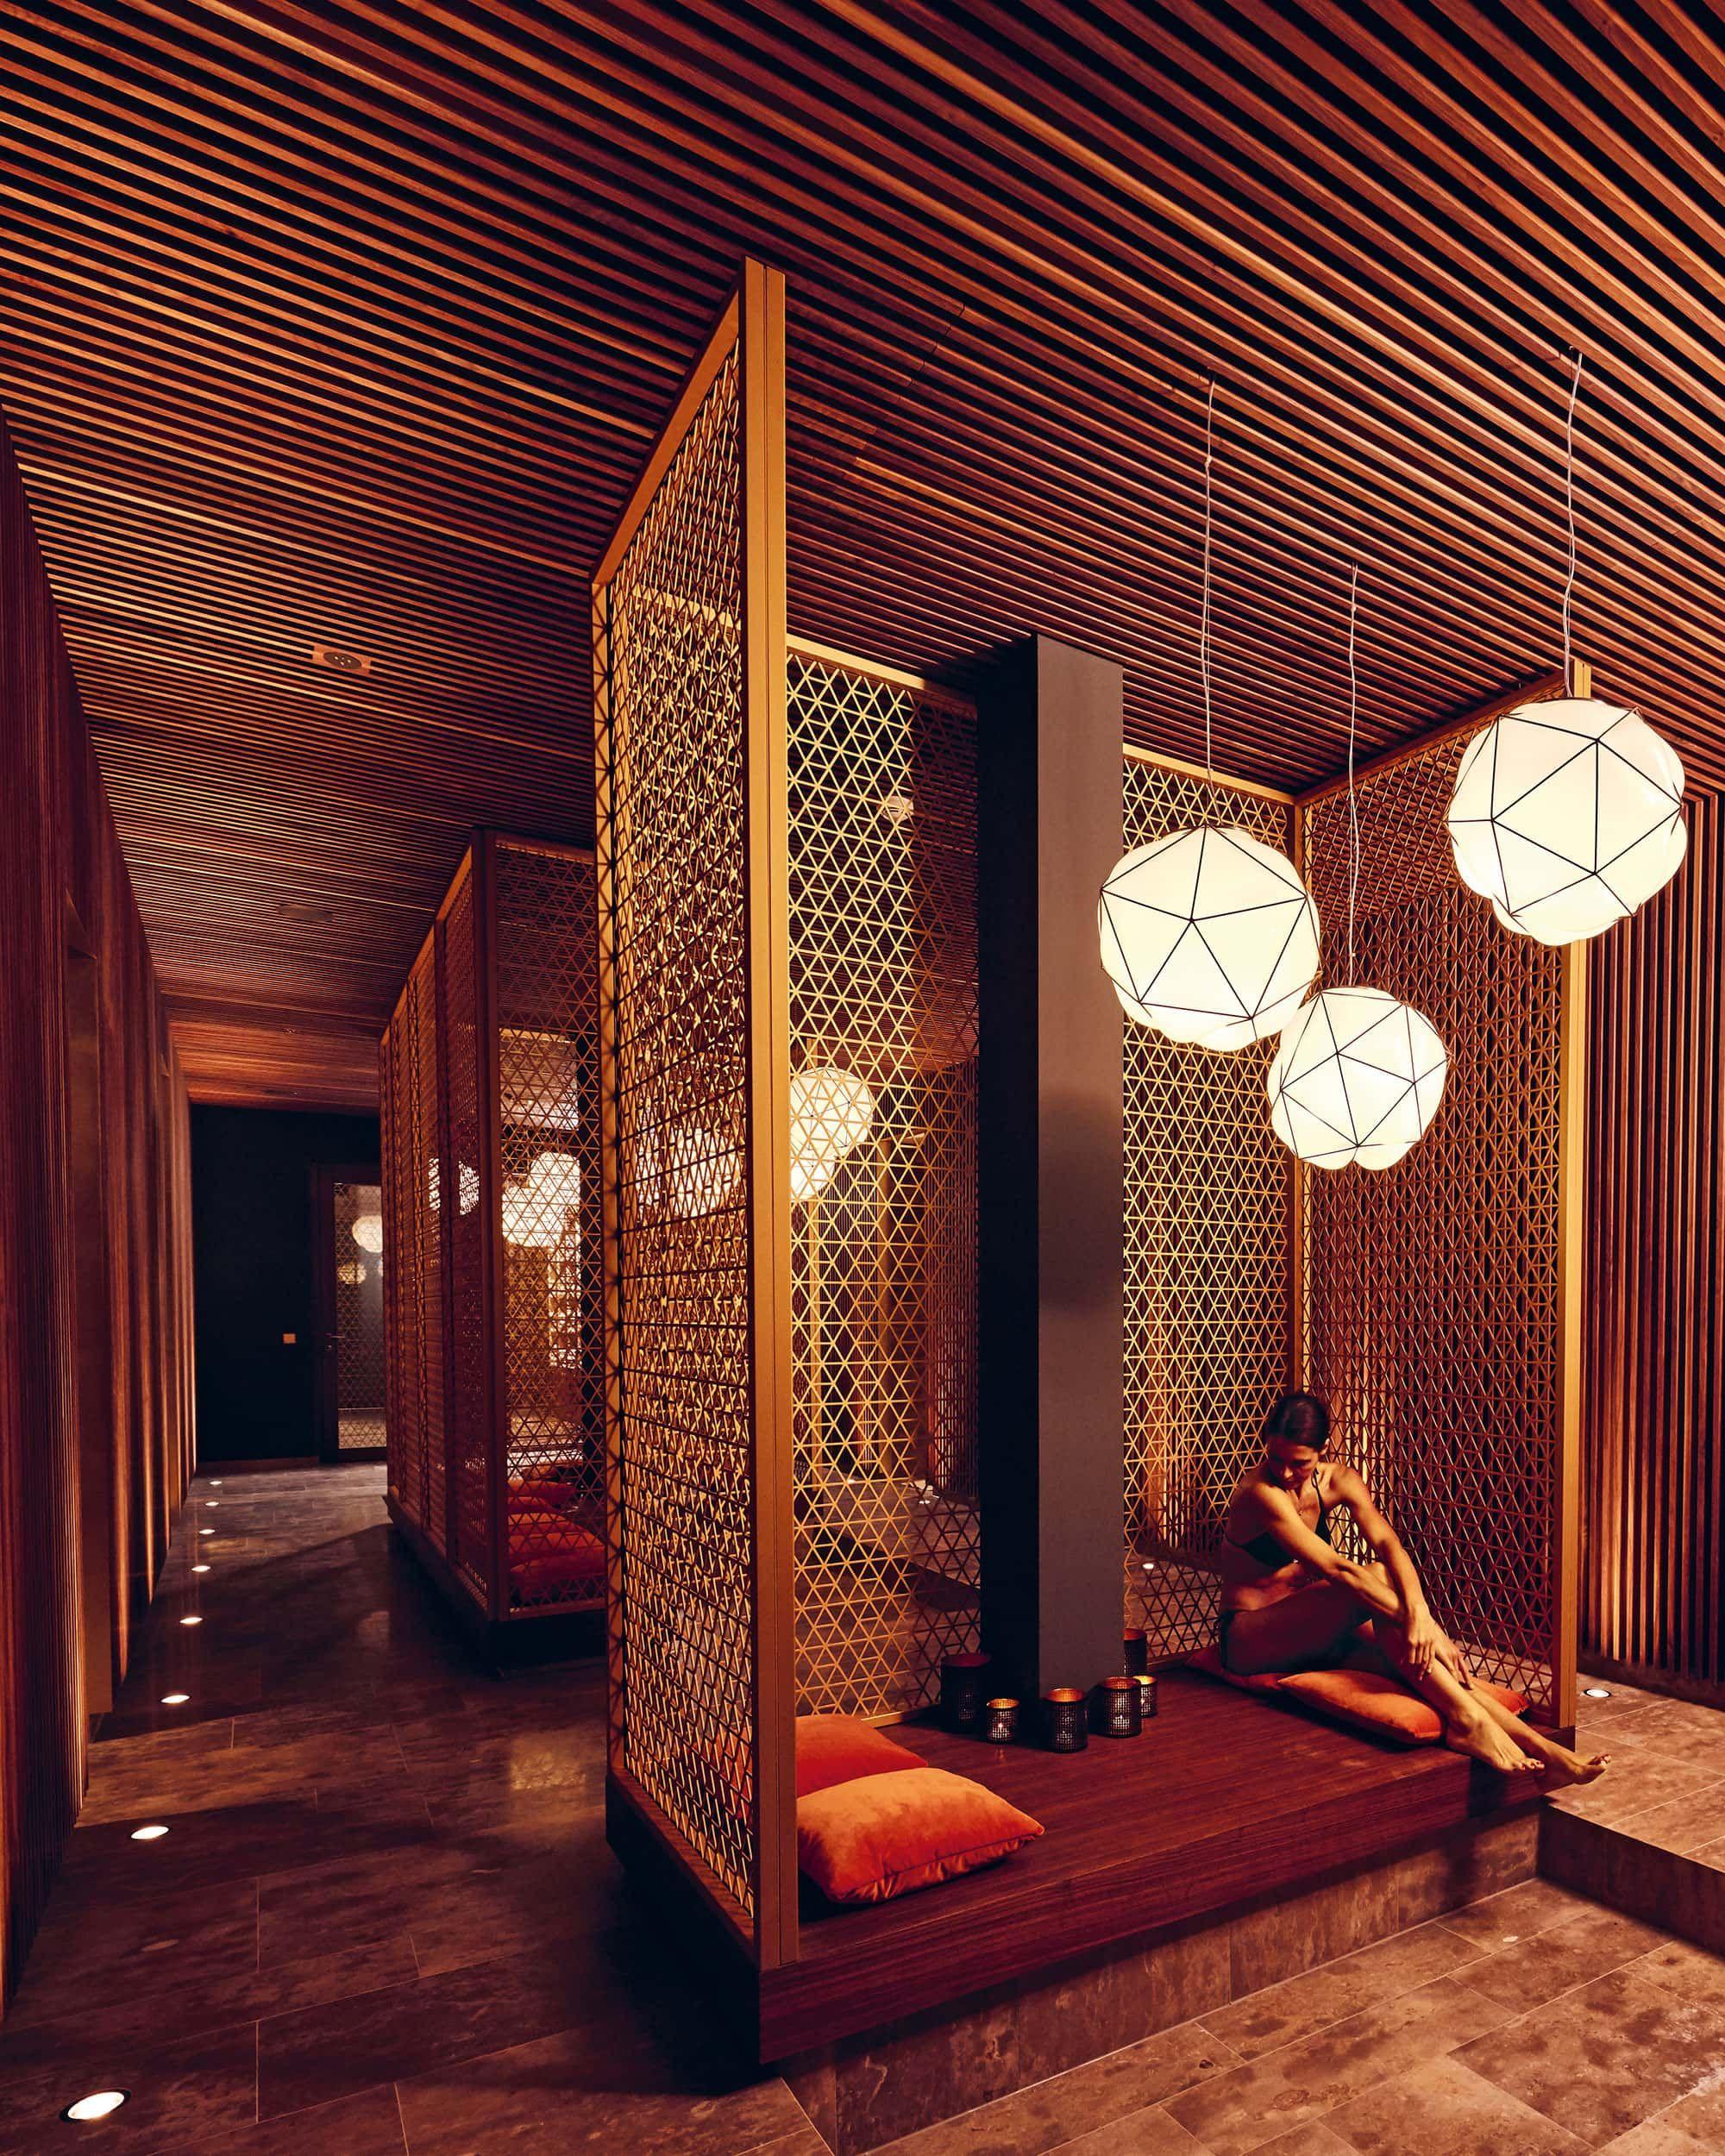 Mizu Onsen Spa Hotel Bachmair Weissach Hotel Spa Onsen Spa